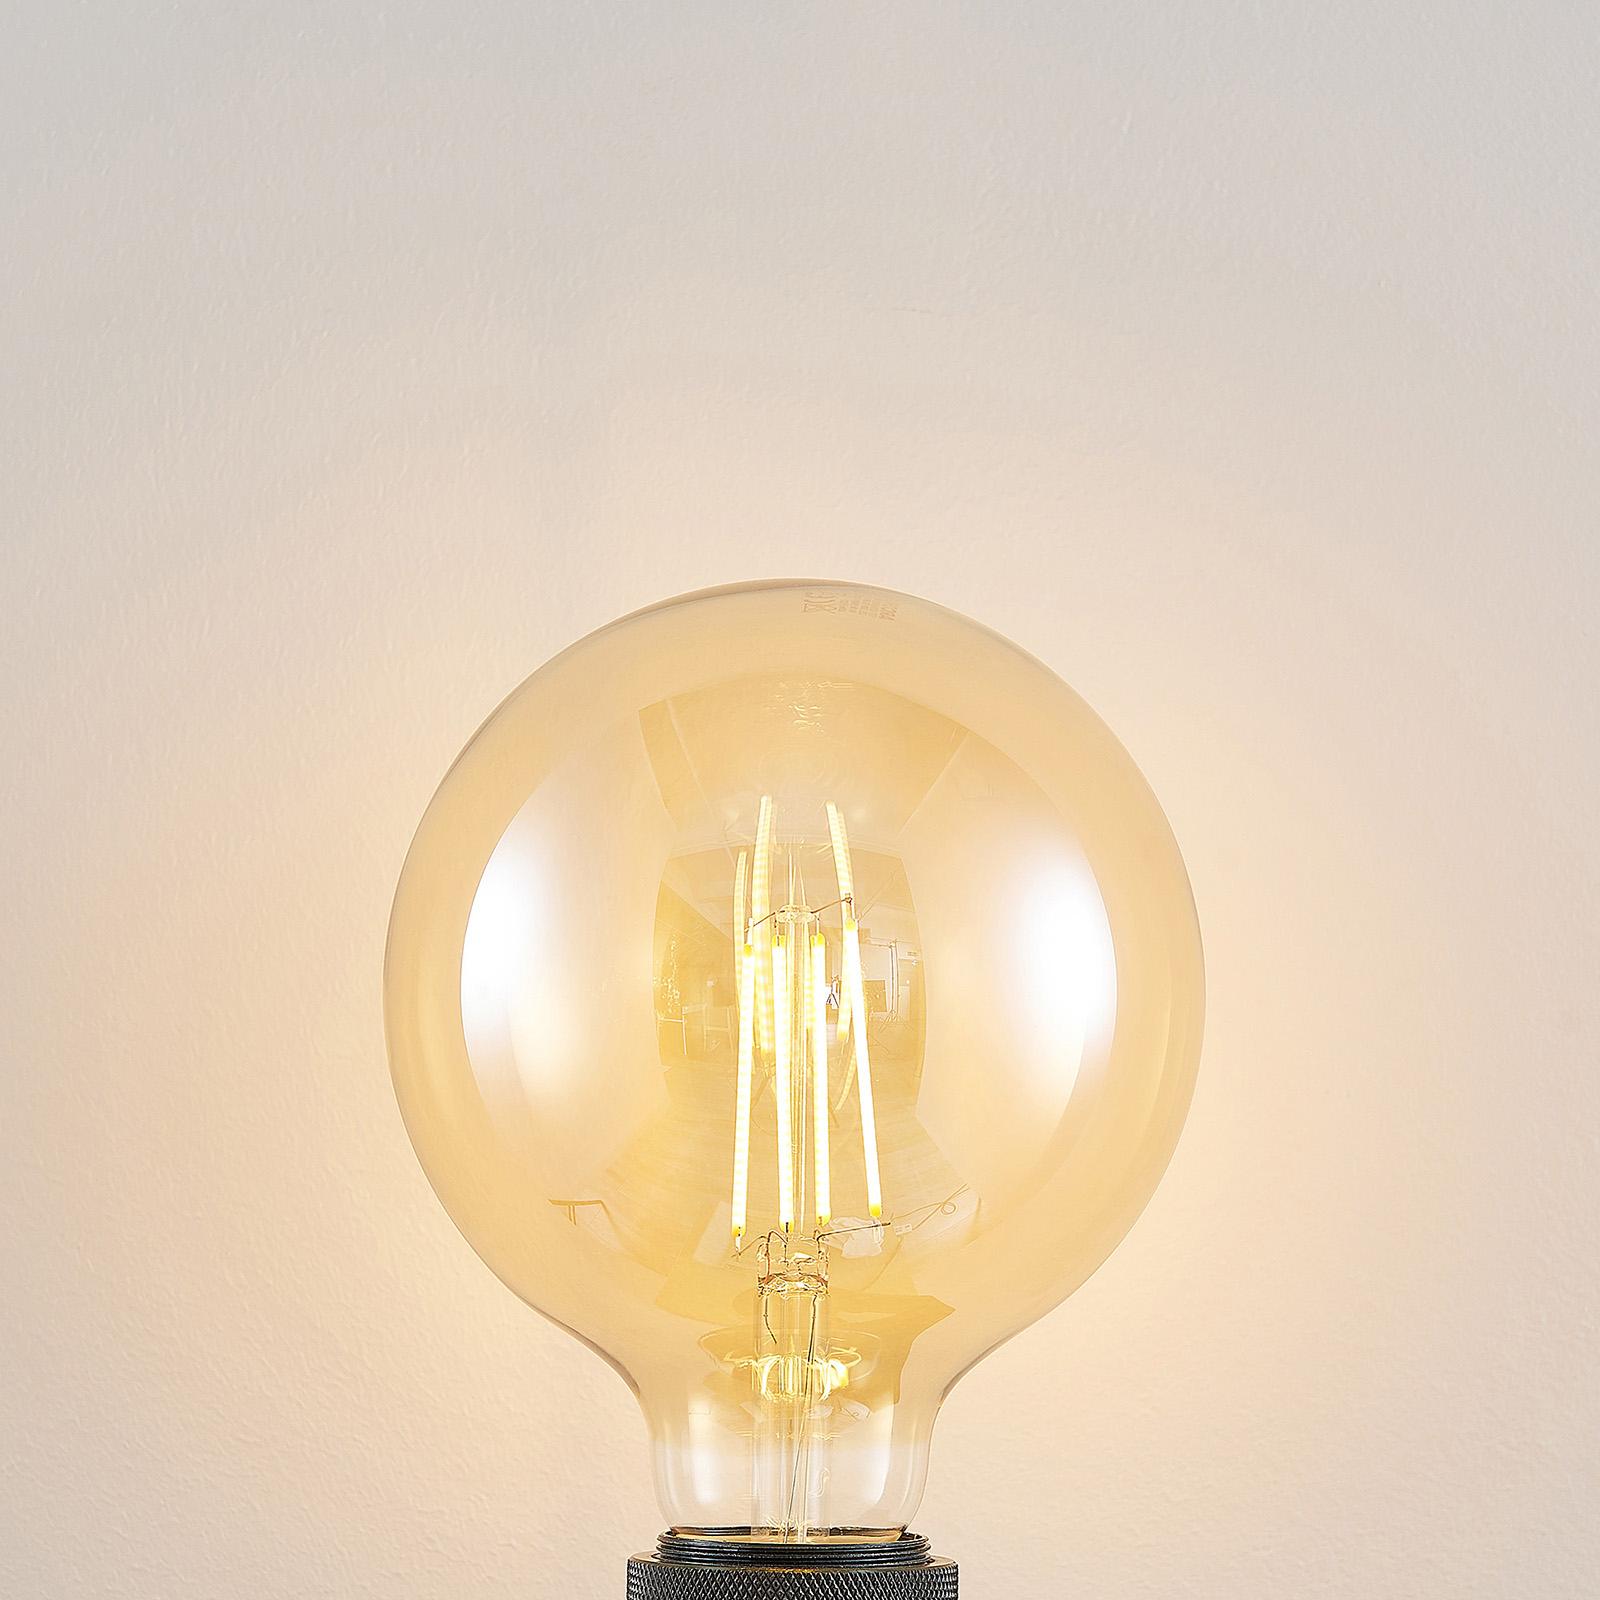 E27 LED-pære G125 6,5 W 2.500K ravgul 3-trinsdæmp.